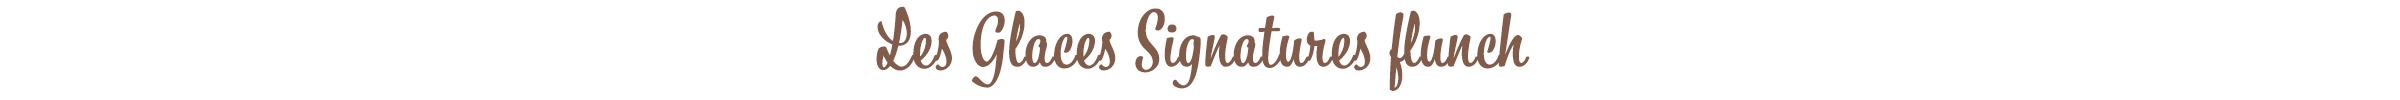 Wording-signatures